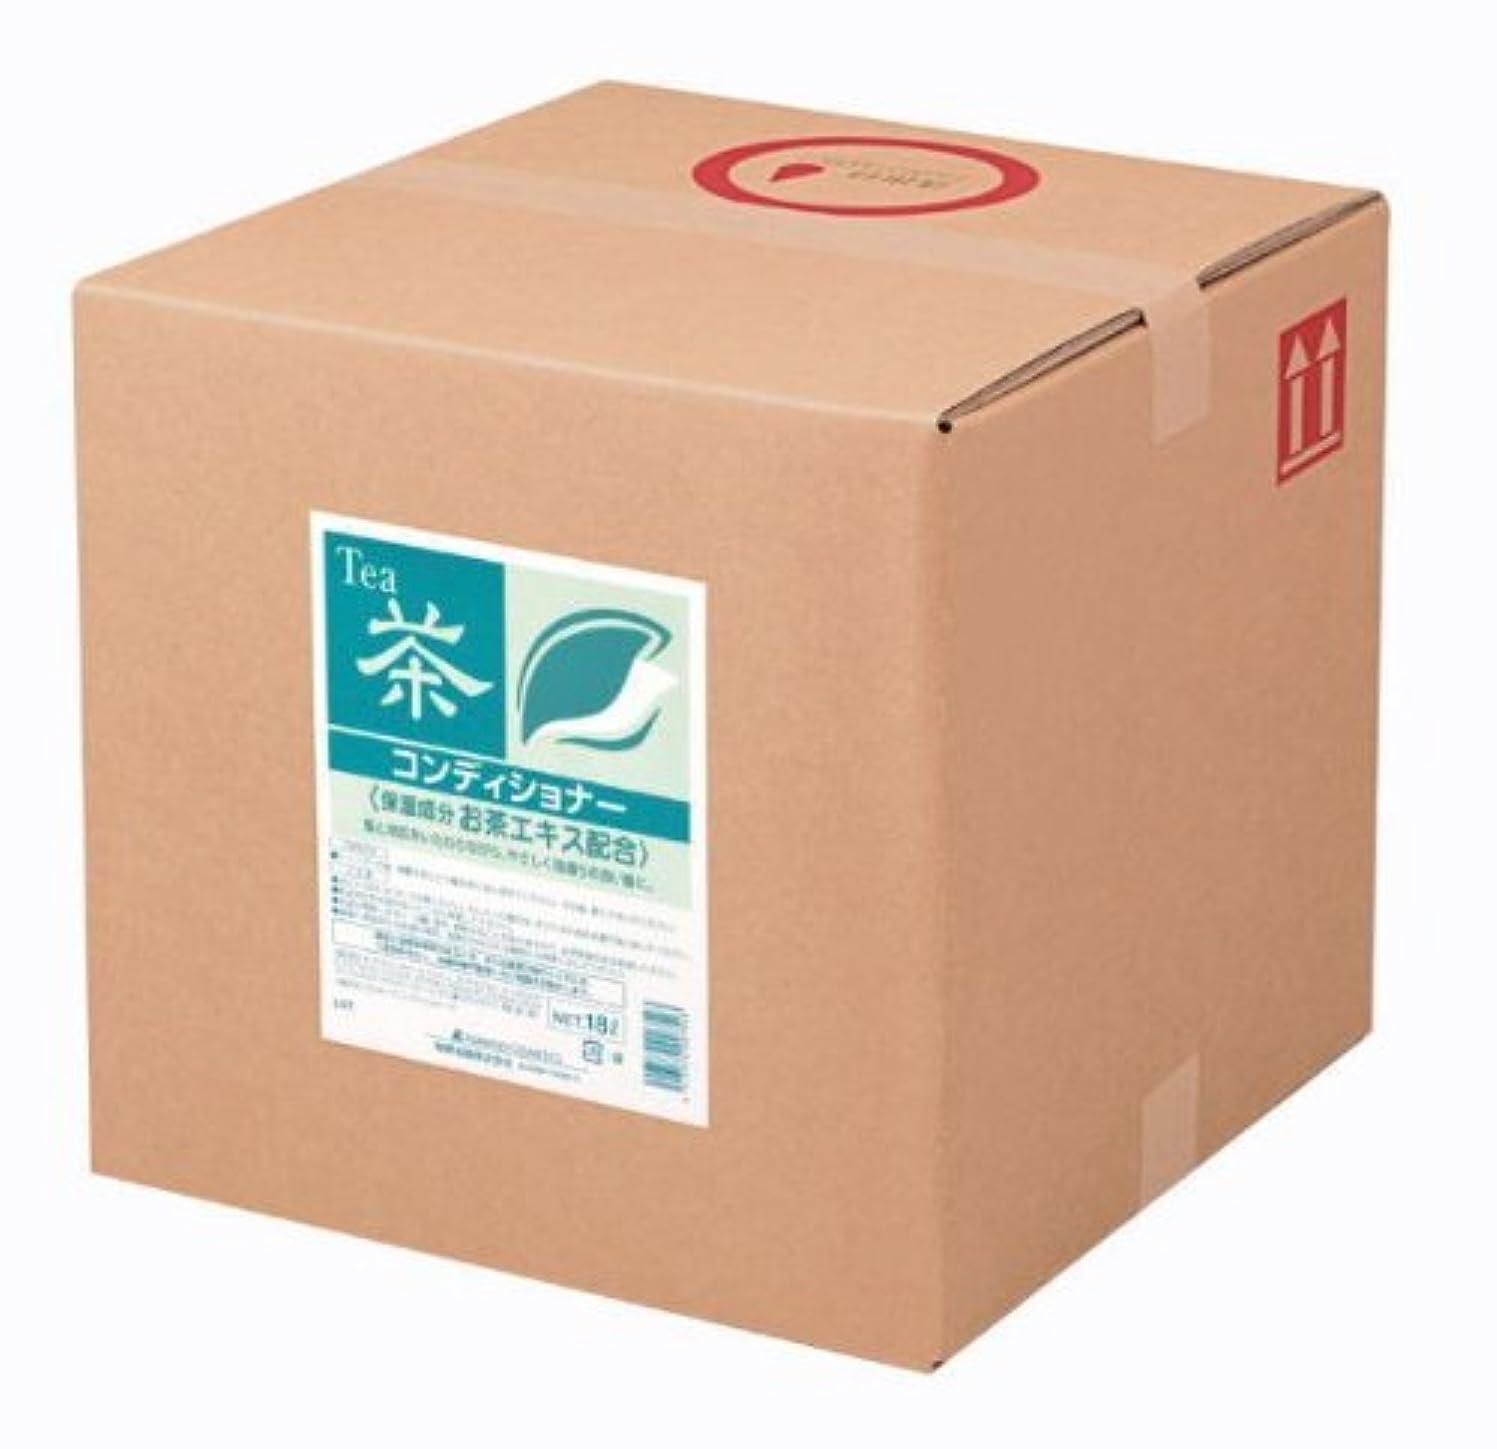 選ぶ八マネージャー熊野油脂 業務用 お茶 コンディショナー 18L